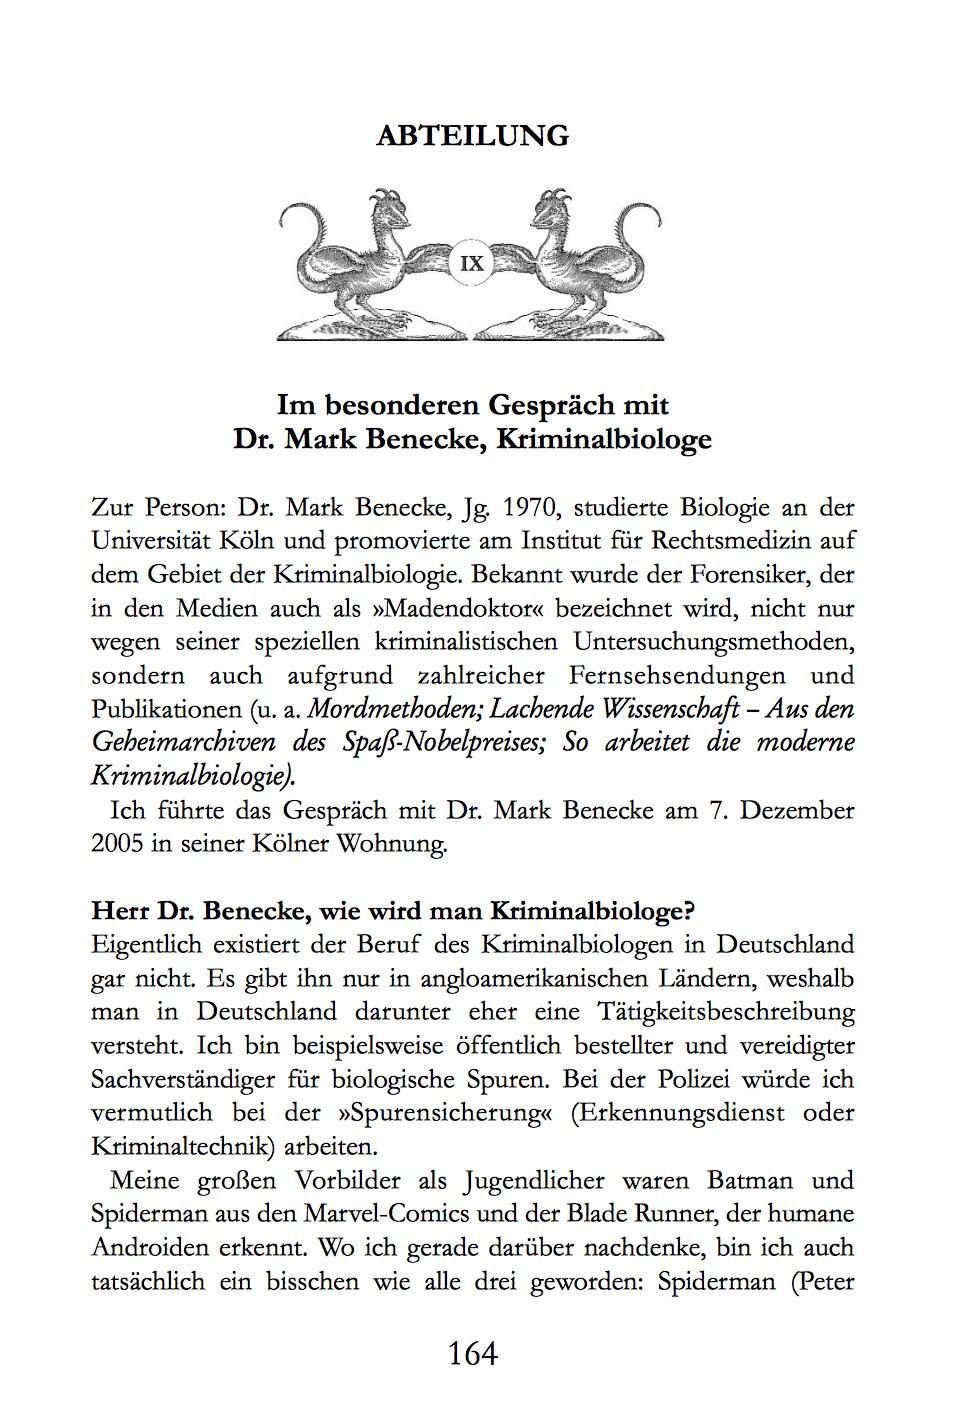 Kirchschlagers Curiositaeten Cabinett: Das besondere Gespraech ...